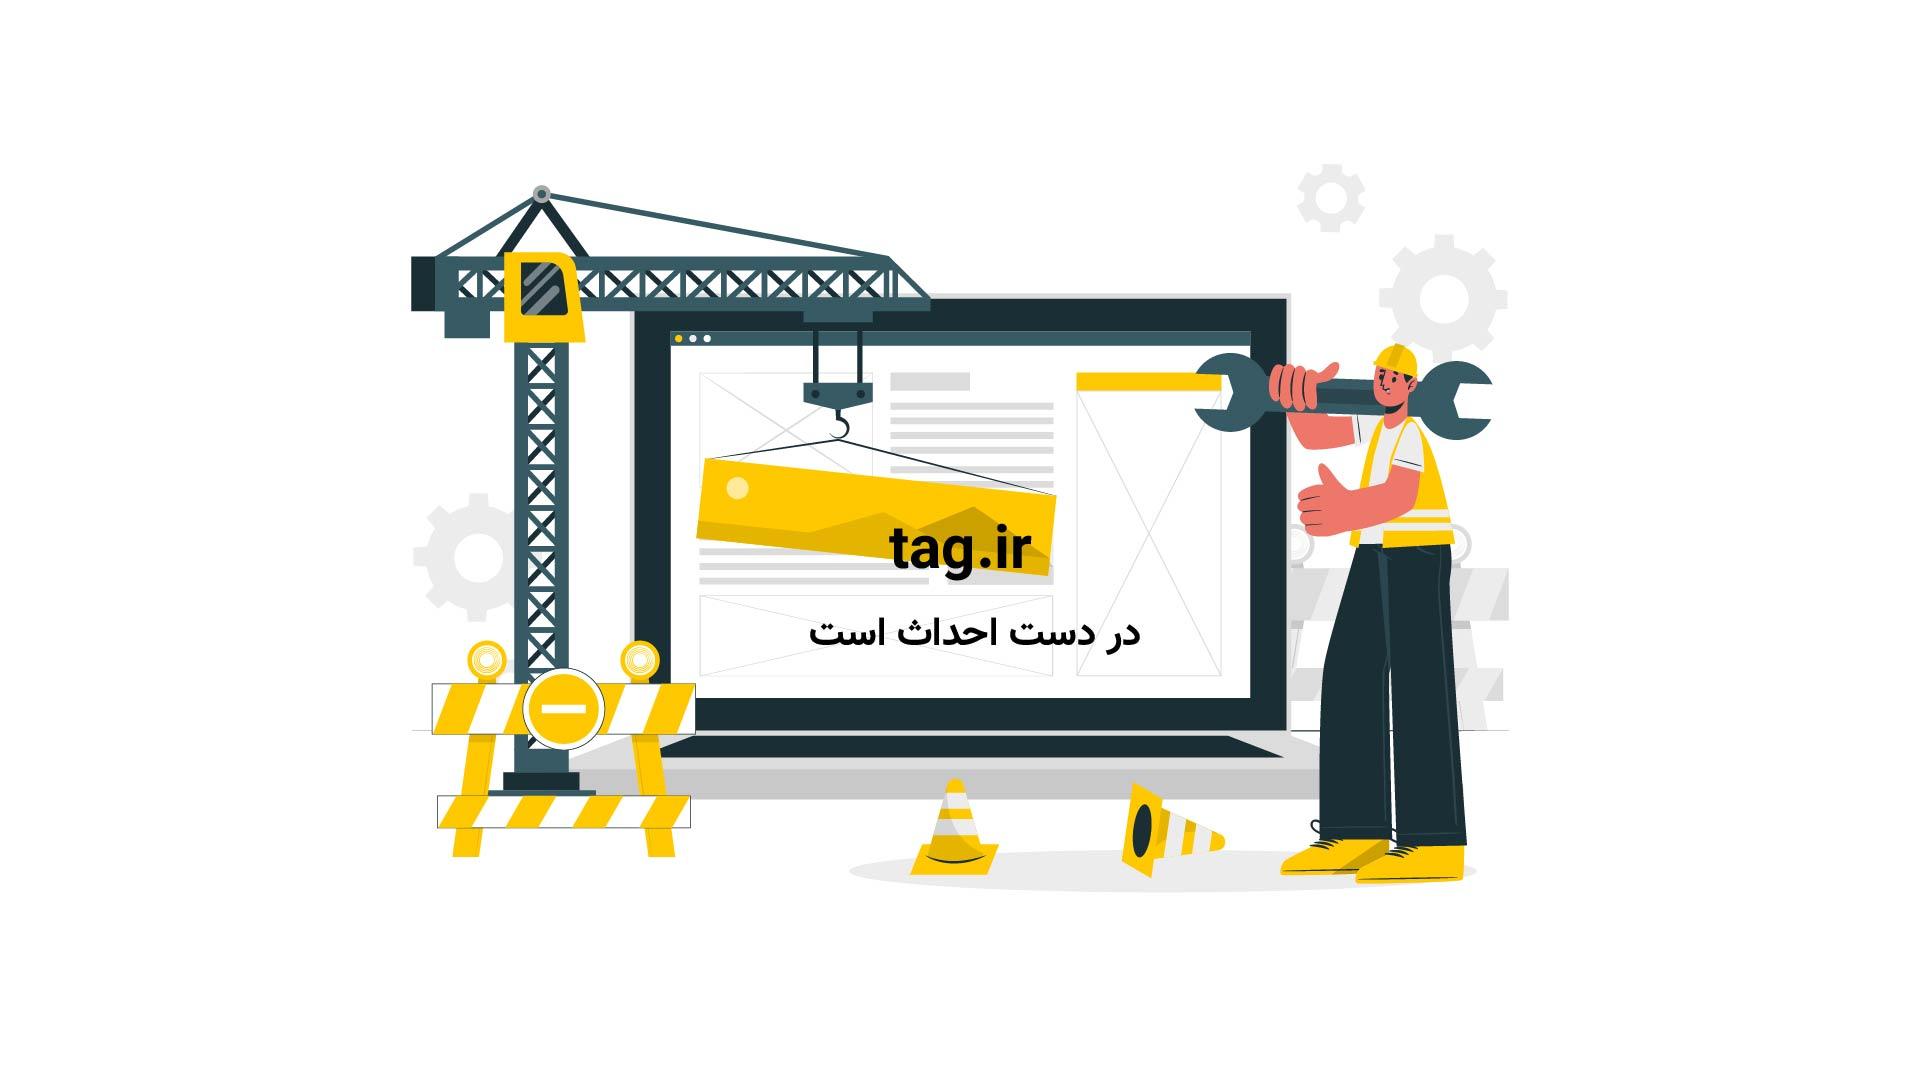 معصومه ابتکار: اگر جای آخوندی؛ وزیر راه بودم استعفا نمی دادم | فیلم